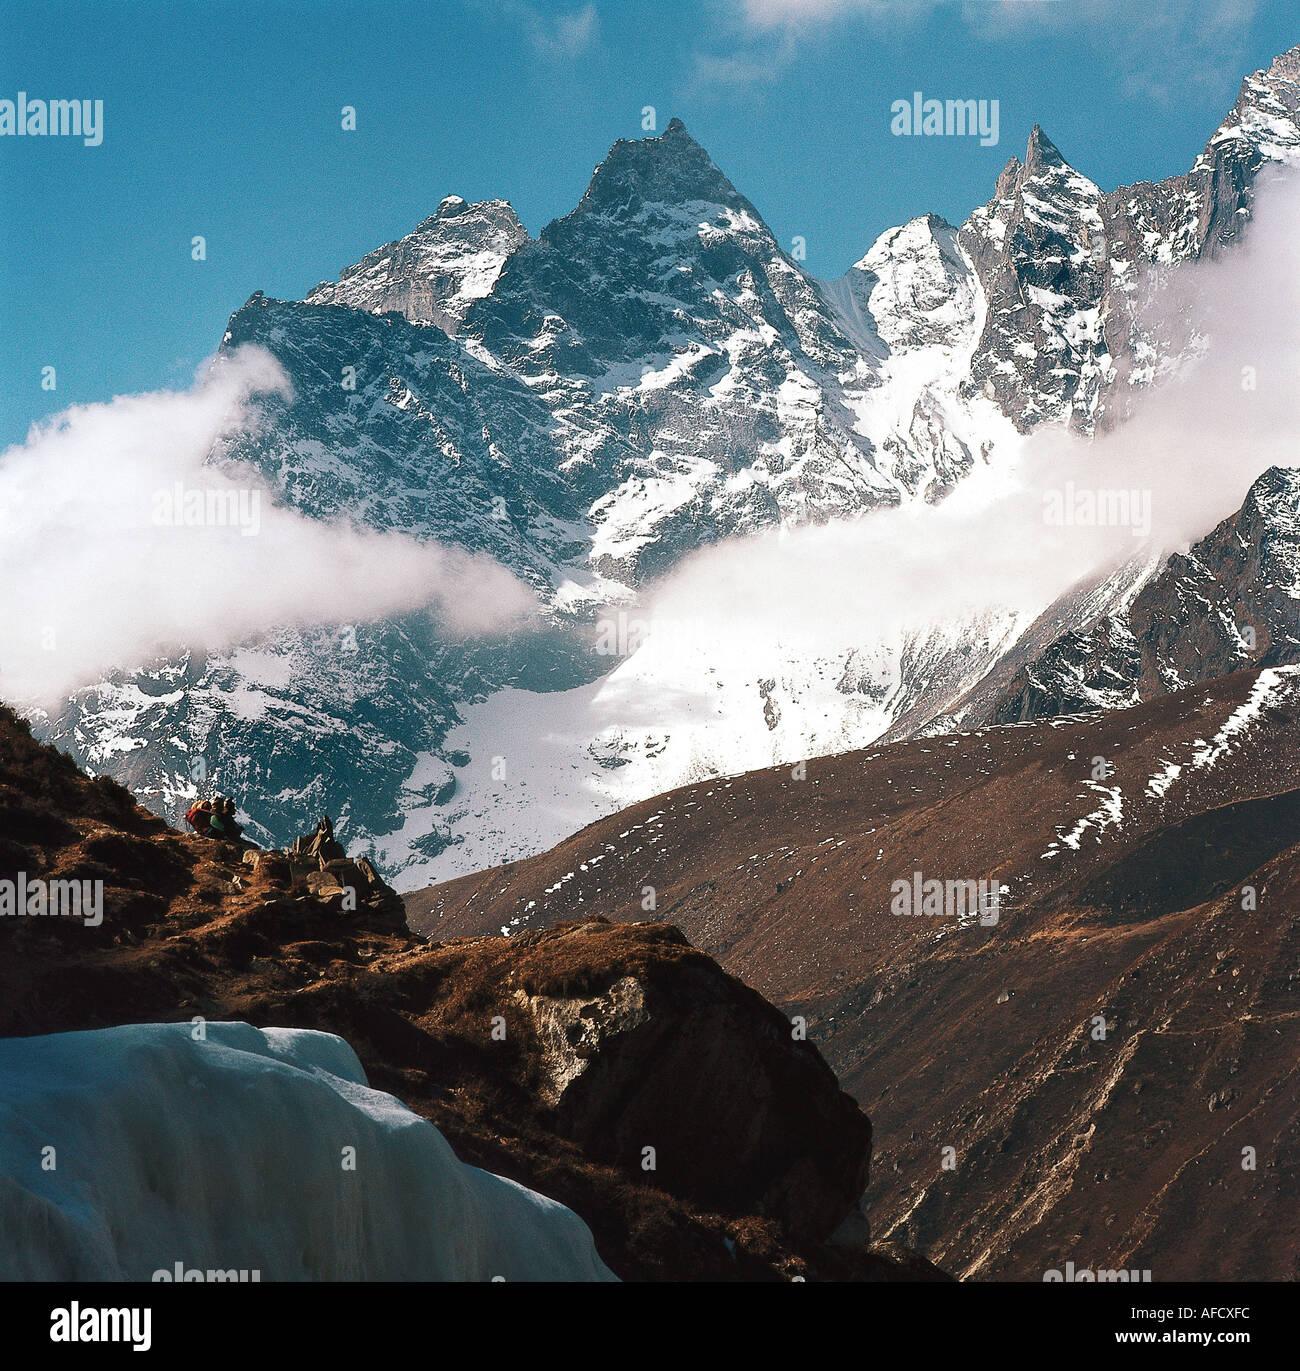 Travel Geography: Solo Khumbu Stock Photos & Solo Khumbu Stock Images